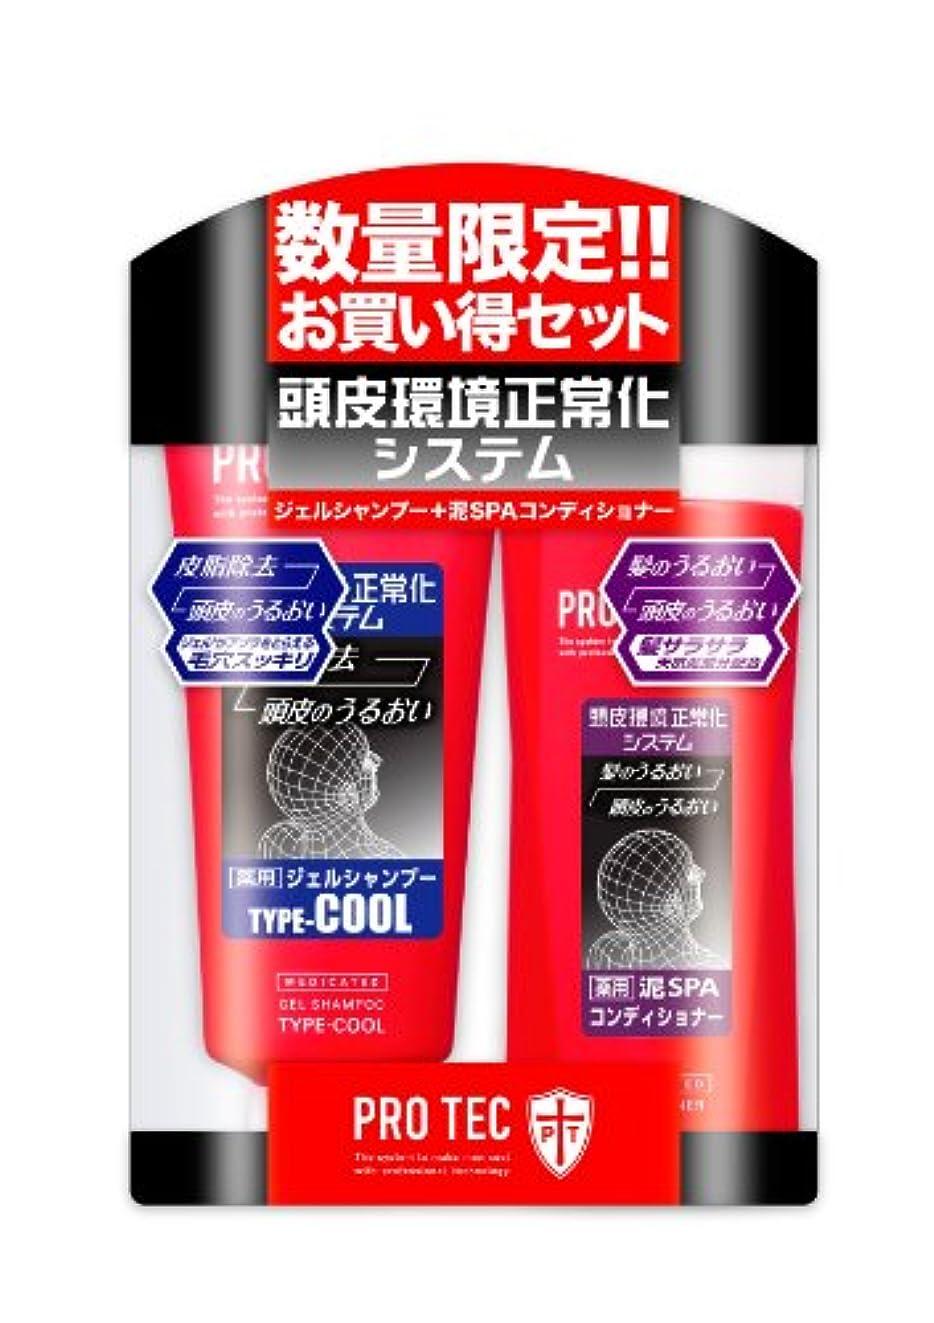 緩める保持するスリッパPRO TEC ジェルシャンプーTYPE-COOL+泥SPAコンディショナーセット 180g+180mL